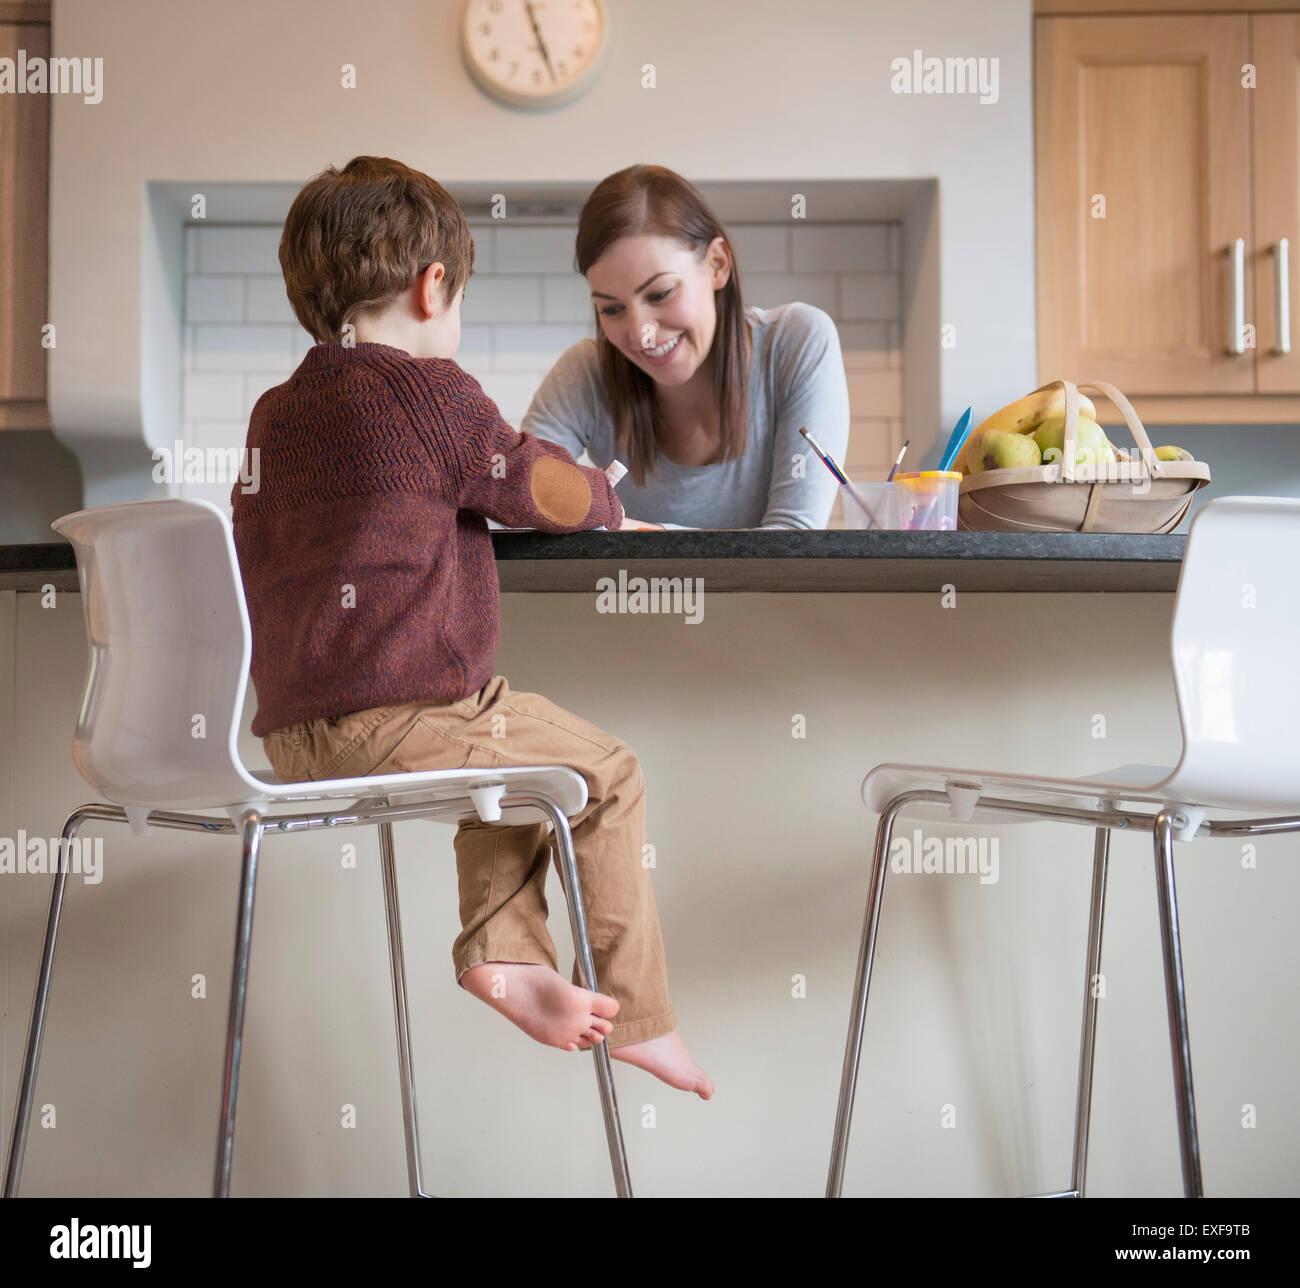 Junge mit Mutter in der Küche und Zeichnung auf Hocker sitzend Stockbild